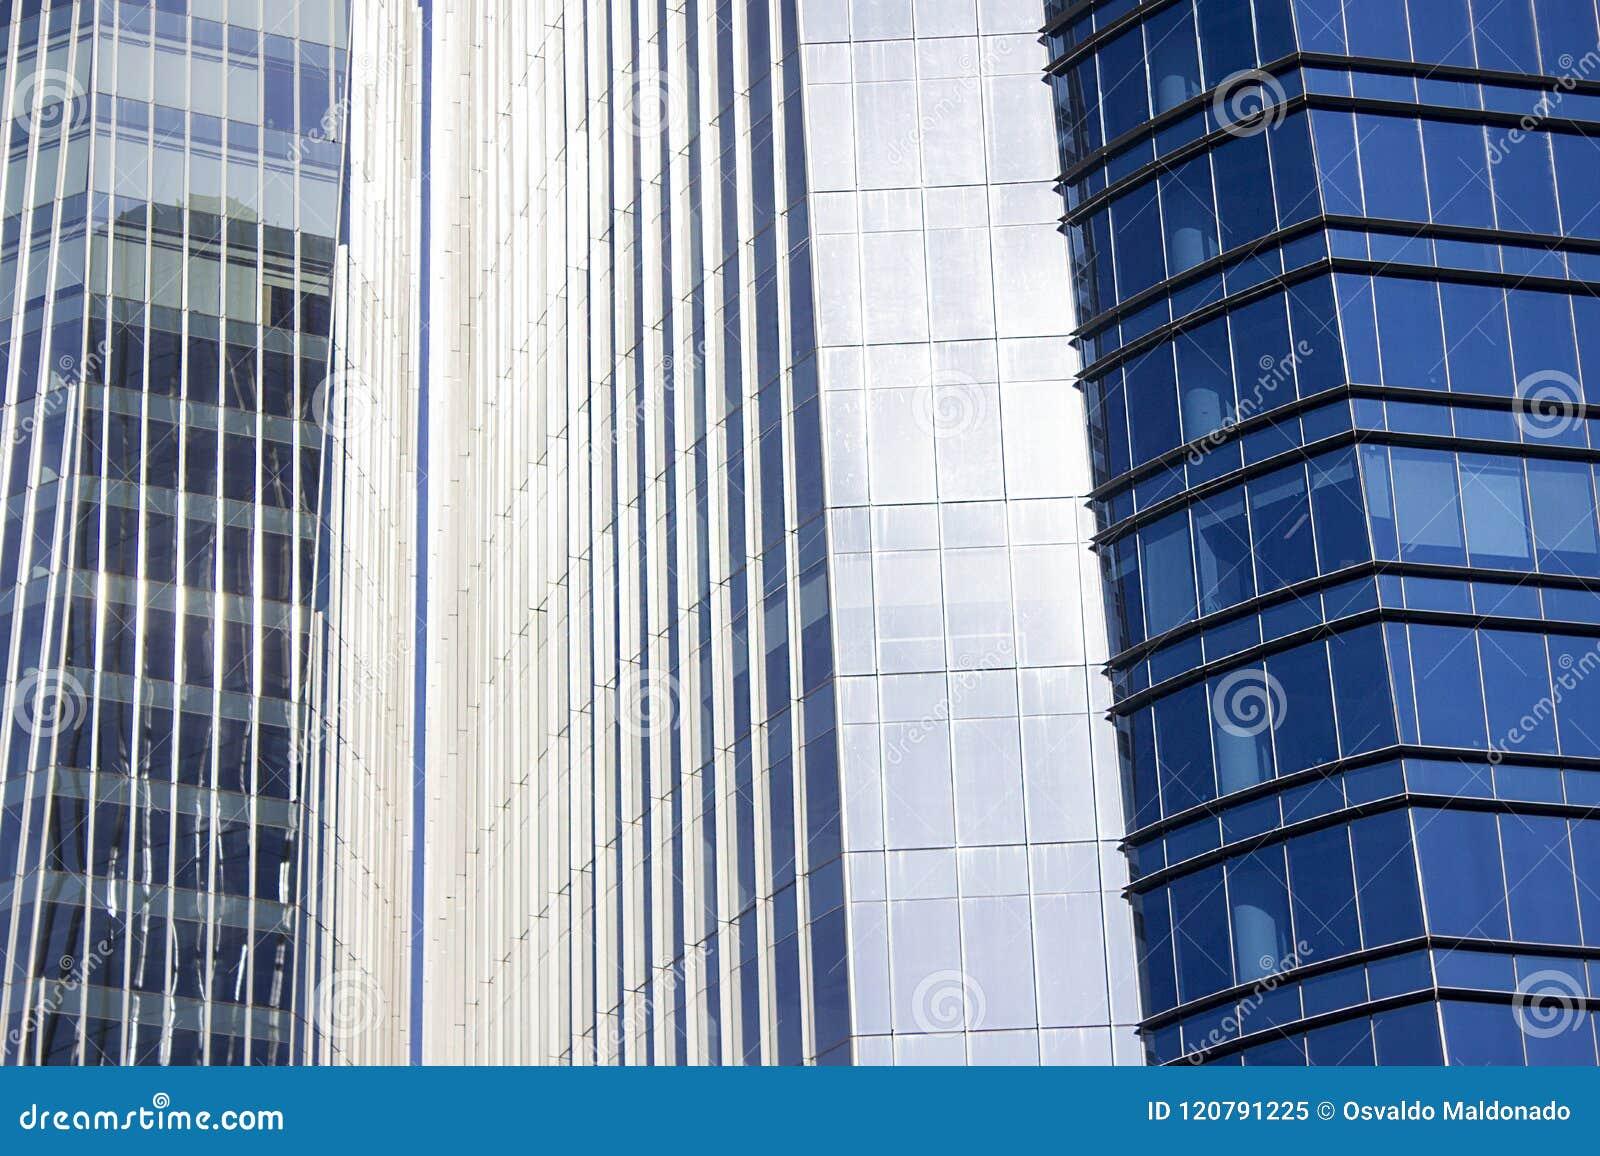 Στενός πυροβολισμός ενός ζευγαριού των εταιρικών μπλε κτιρίων γραφείων διδύμων με ένα ριγωτό σχέδιο